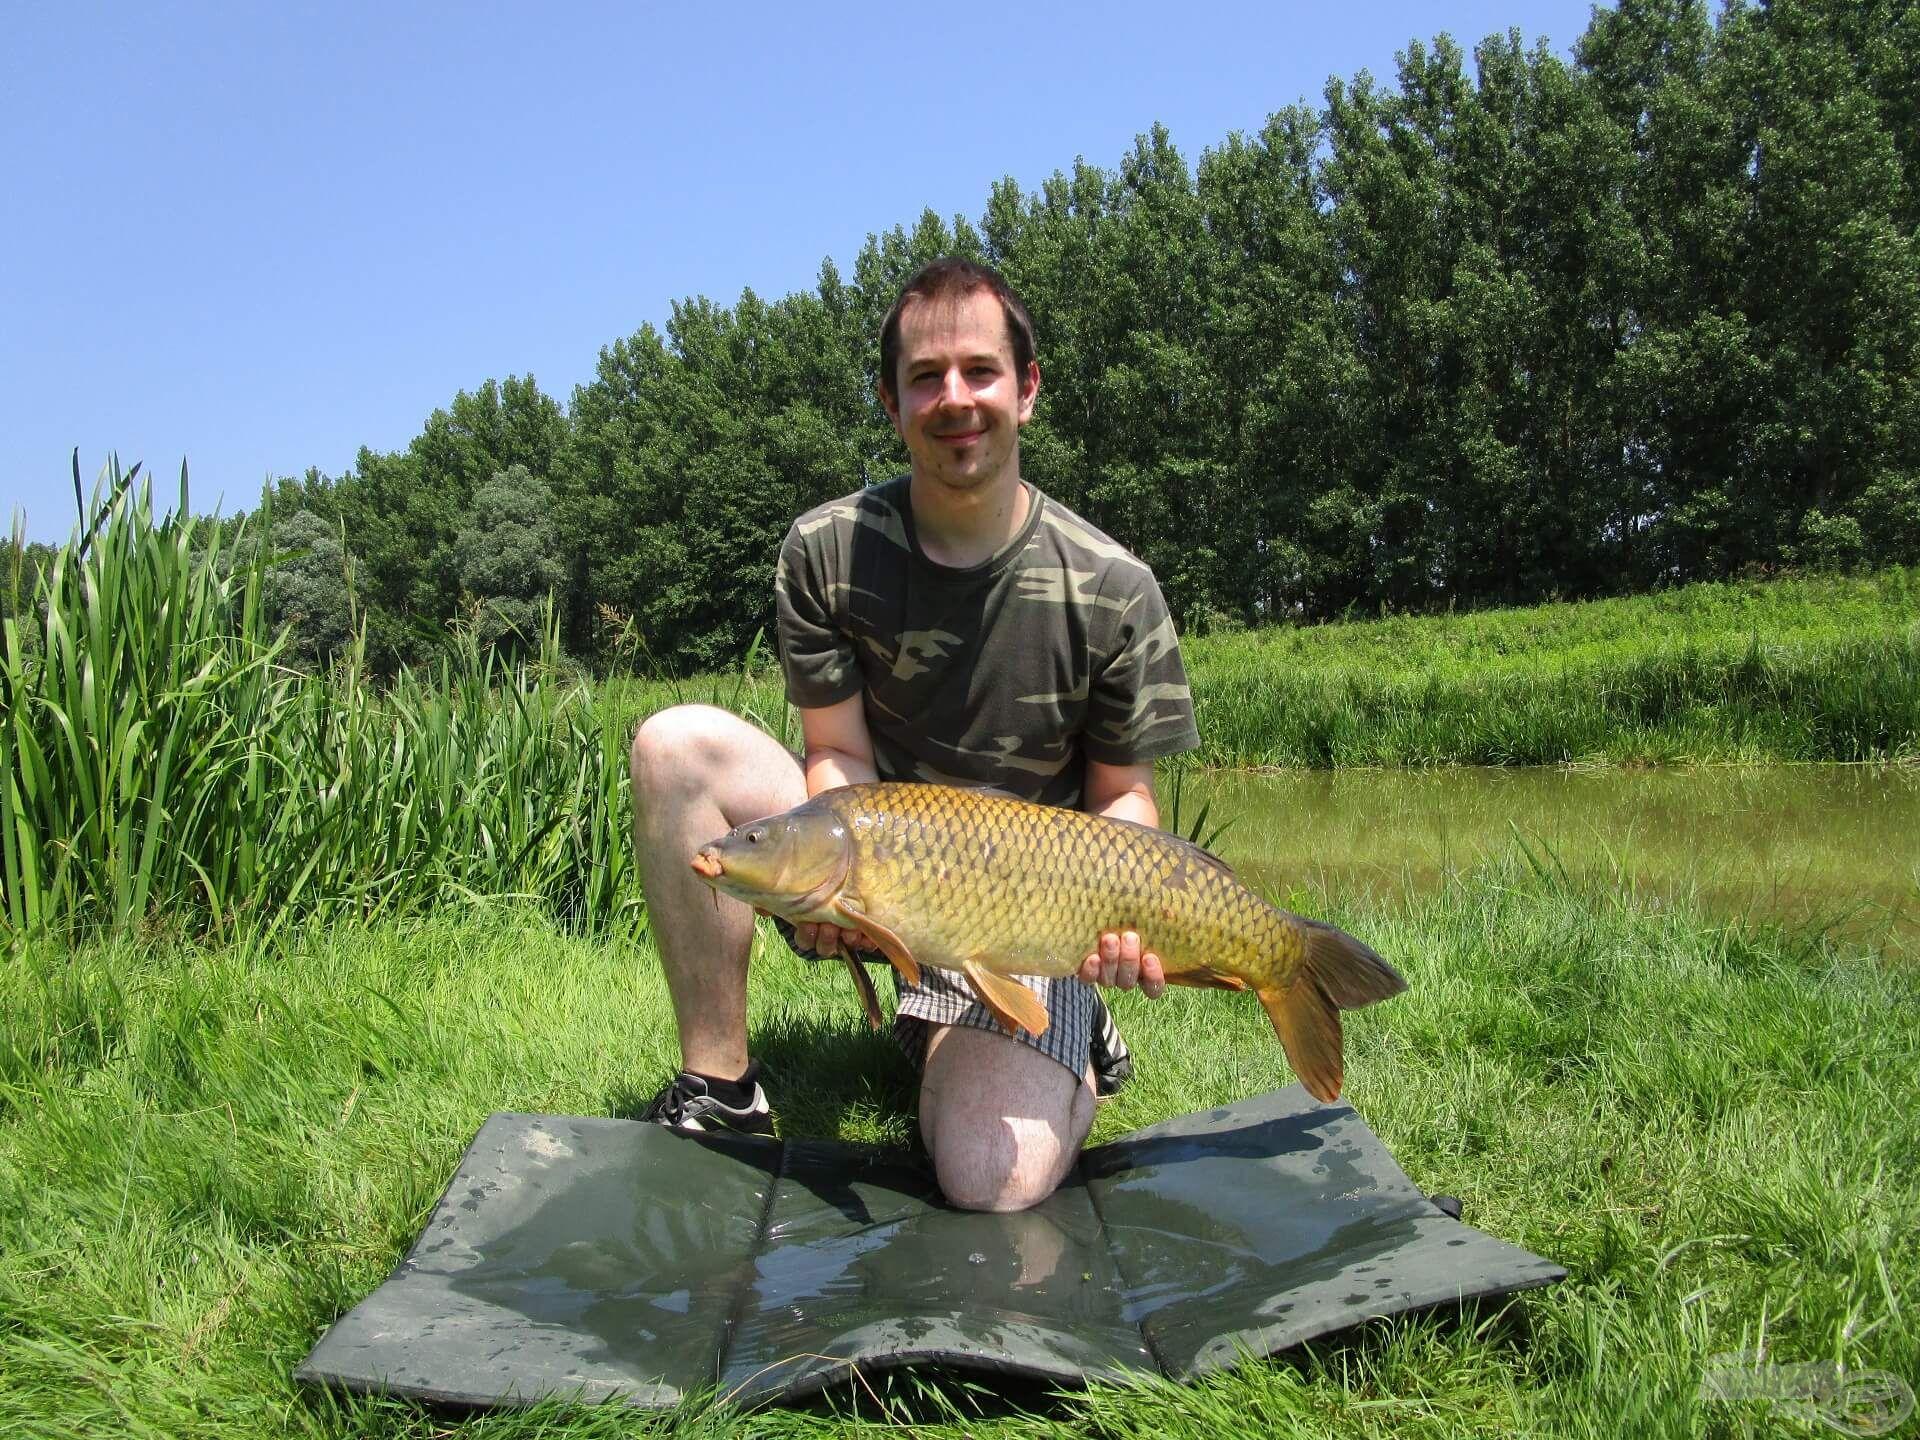 Ezt a horgászatot soha sem fogom elfelejteni!